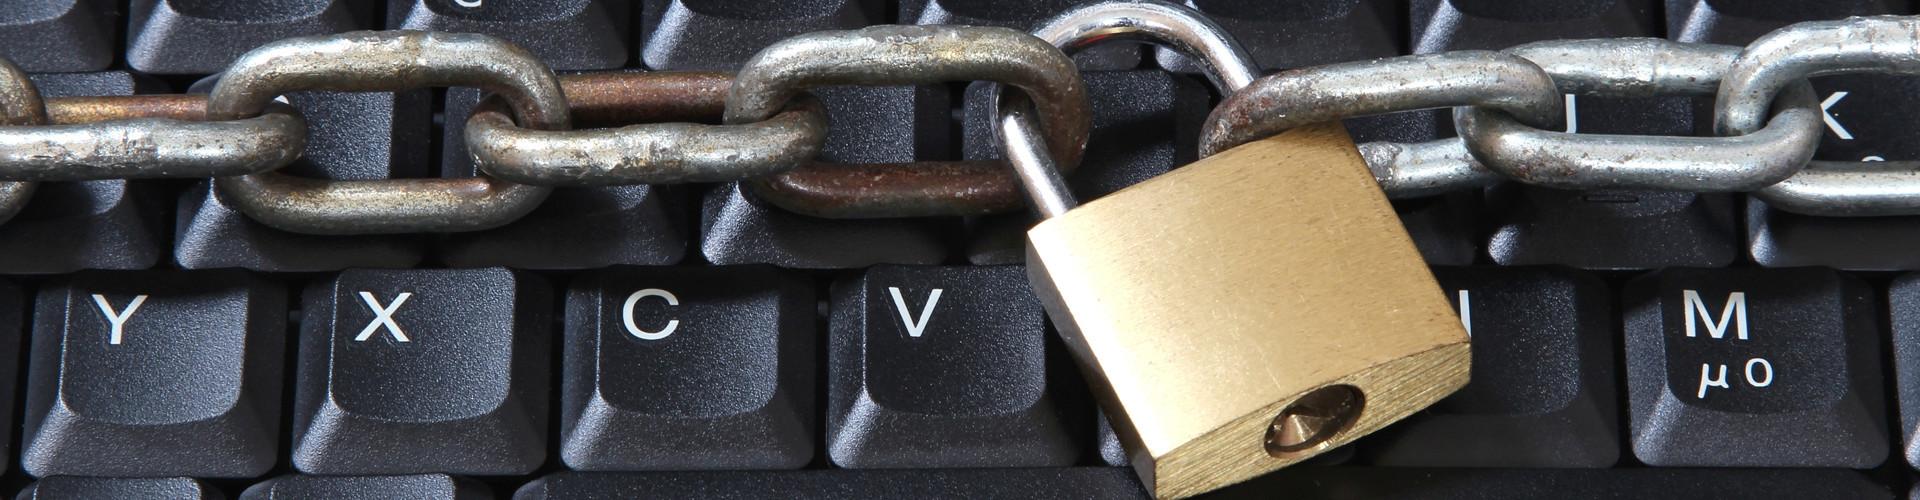 Eine Kette mit Vorhängeschloss spannt sich quer über eine Tastatur. © Björn Wylezich, stock.adobe.com